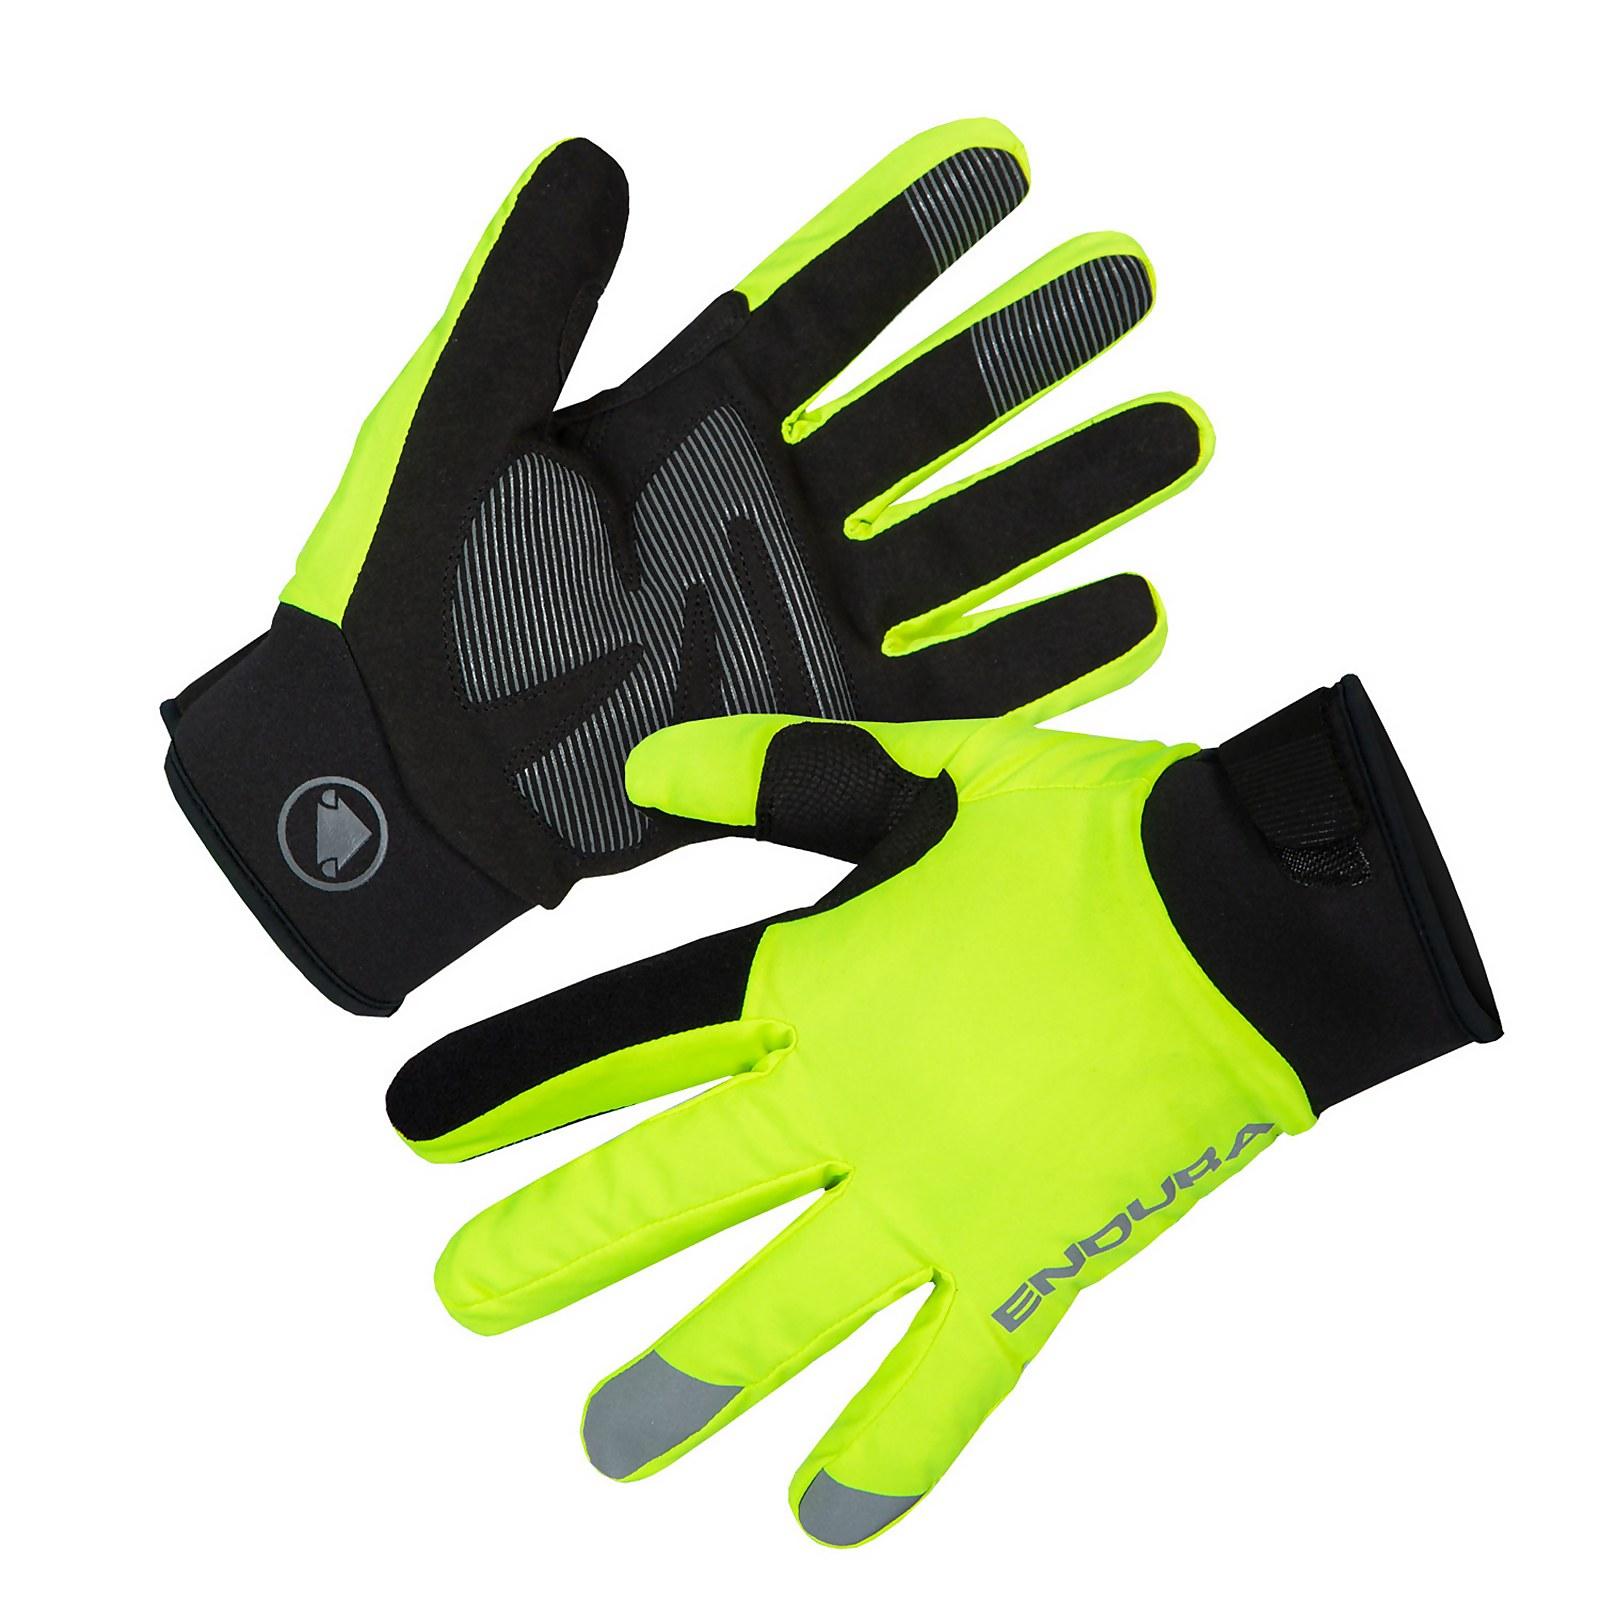 Strike Glove - Hi-viz Yellow - Xxl